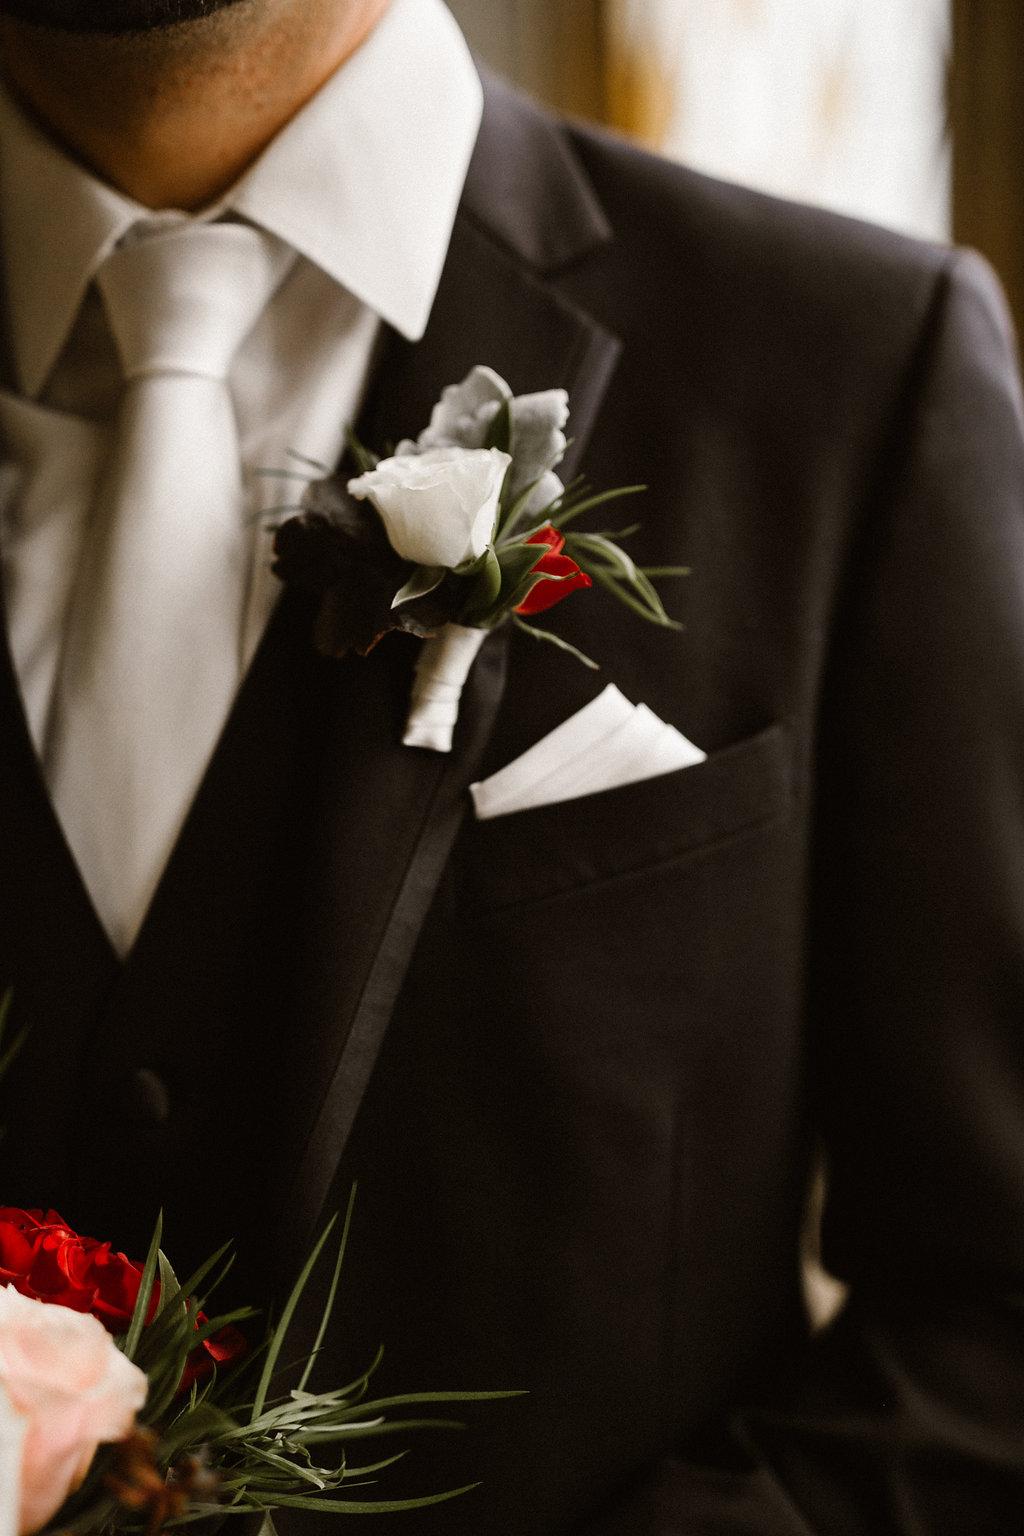 Wedding Boutonniere - Wedding Florist in Winnipeg